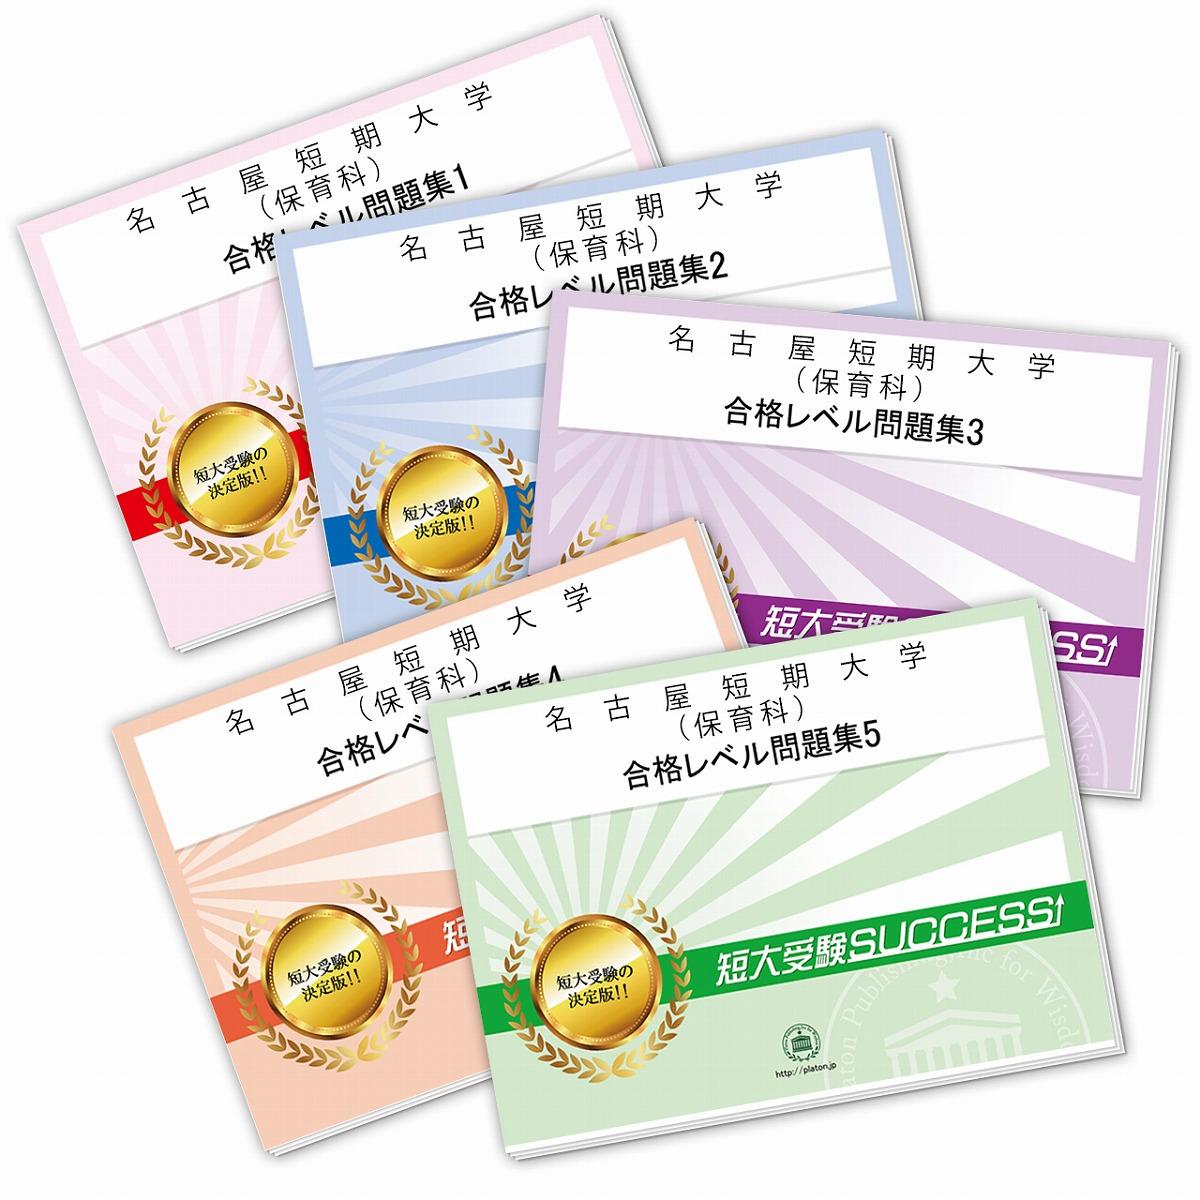 【送料・代引手数料無料】名古屋短期大学(保育科)受験合格セット(5冊)